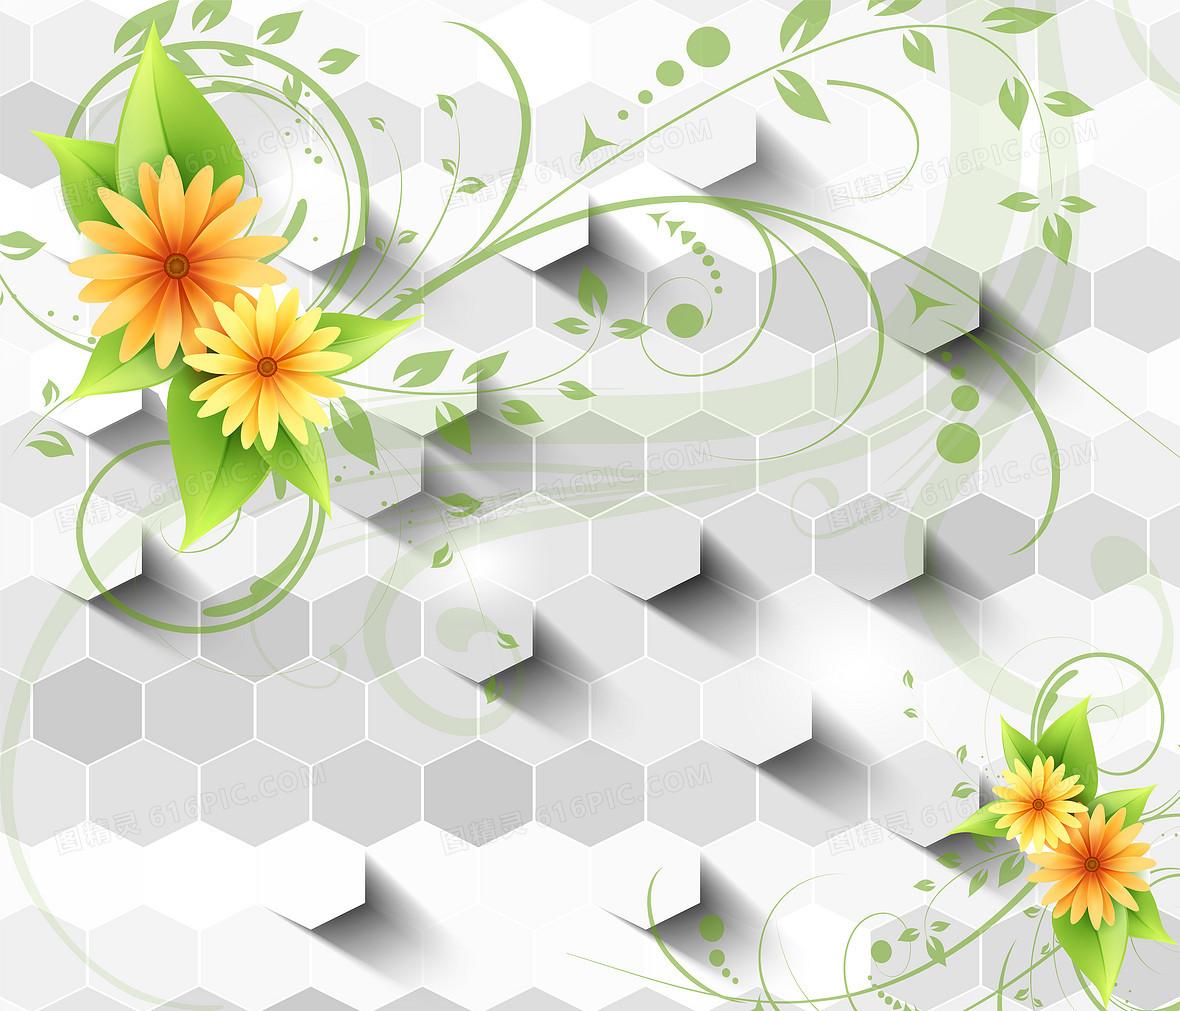 3d 花卉花藤电视墙壁纸海报背景素材